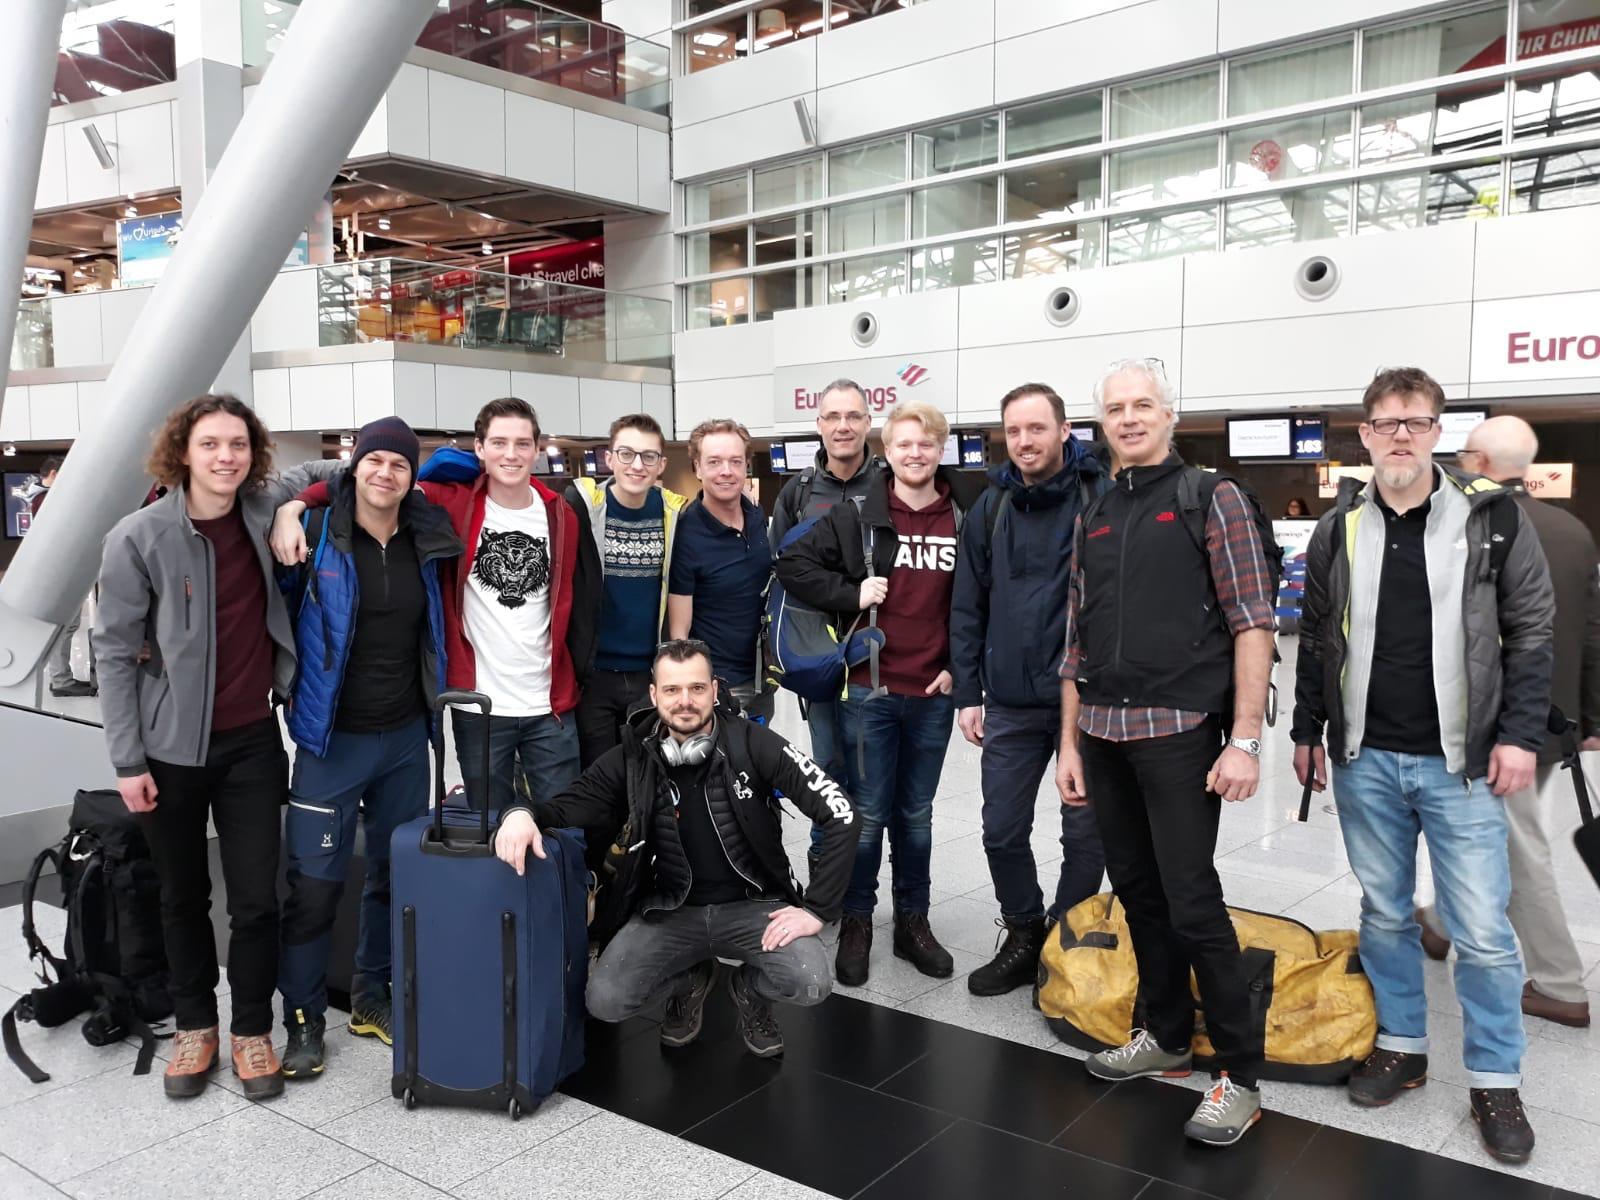 groepsfoto vliegveld